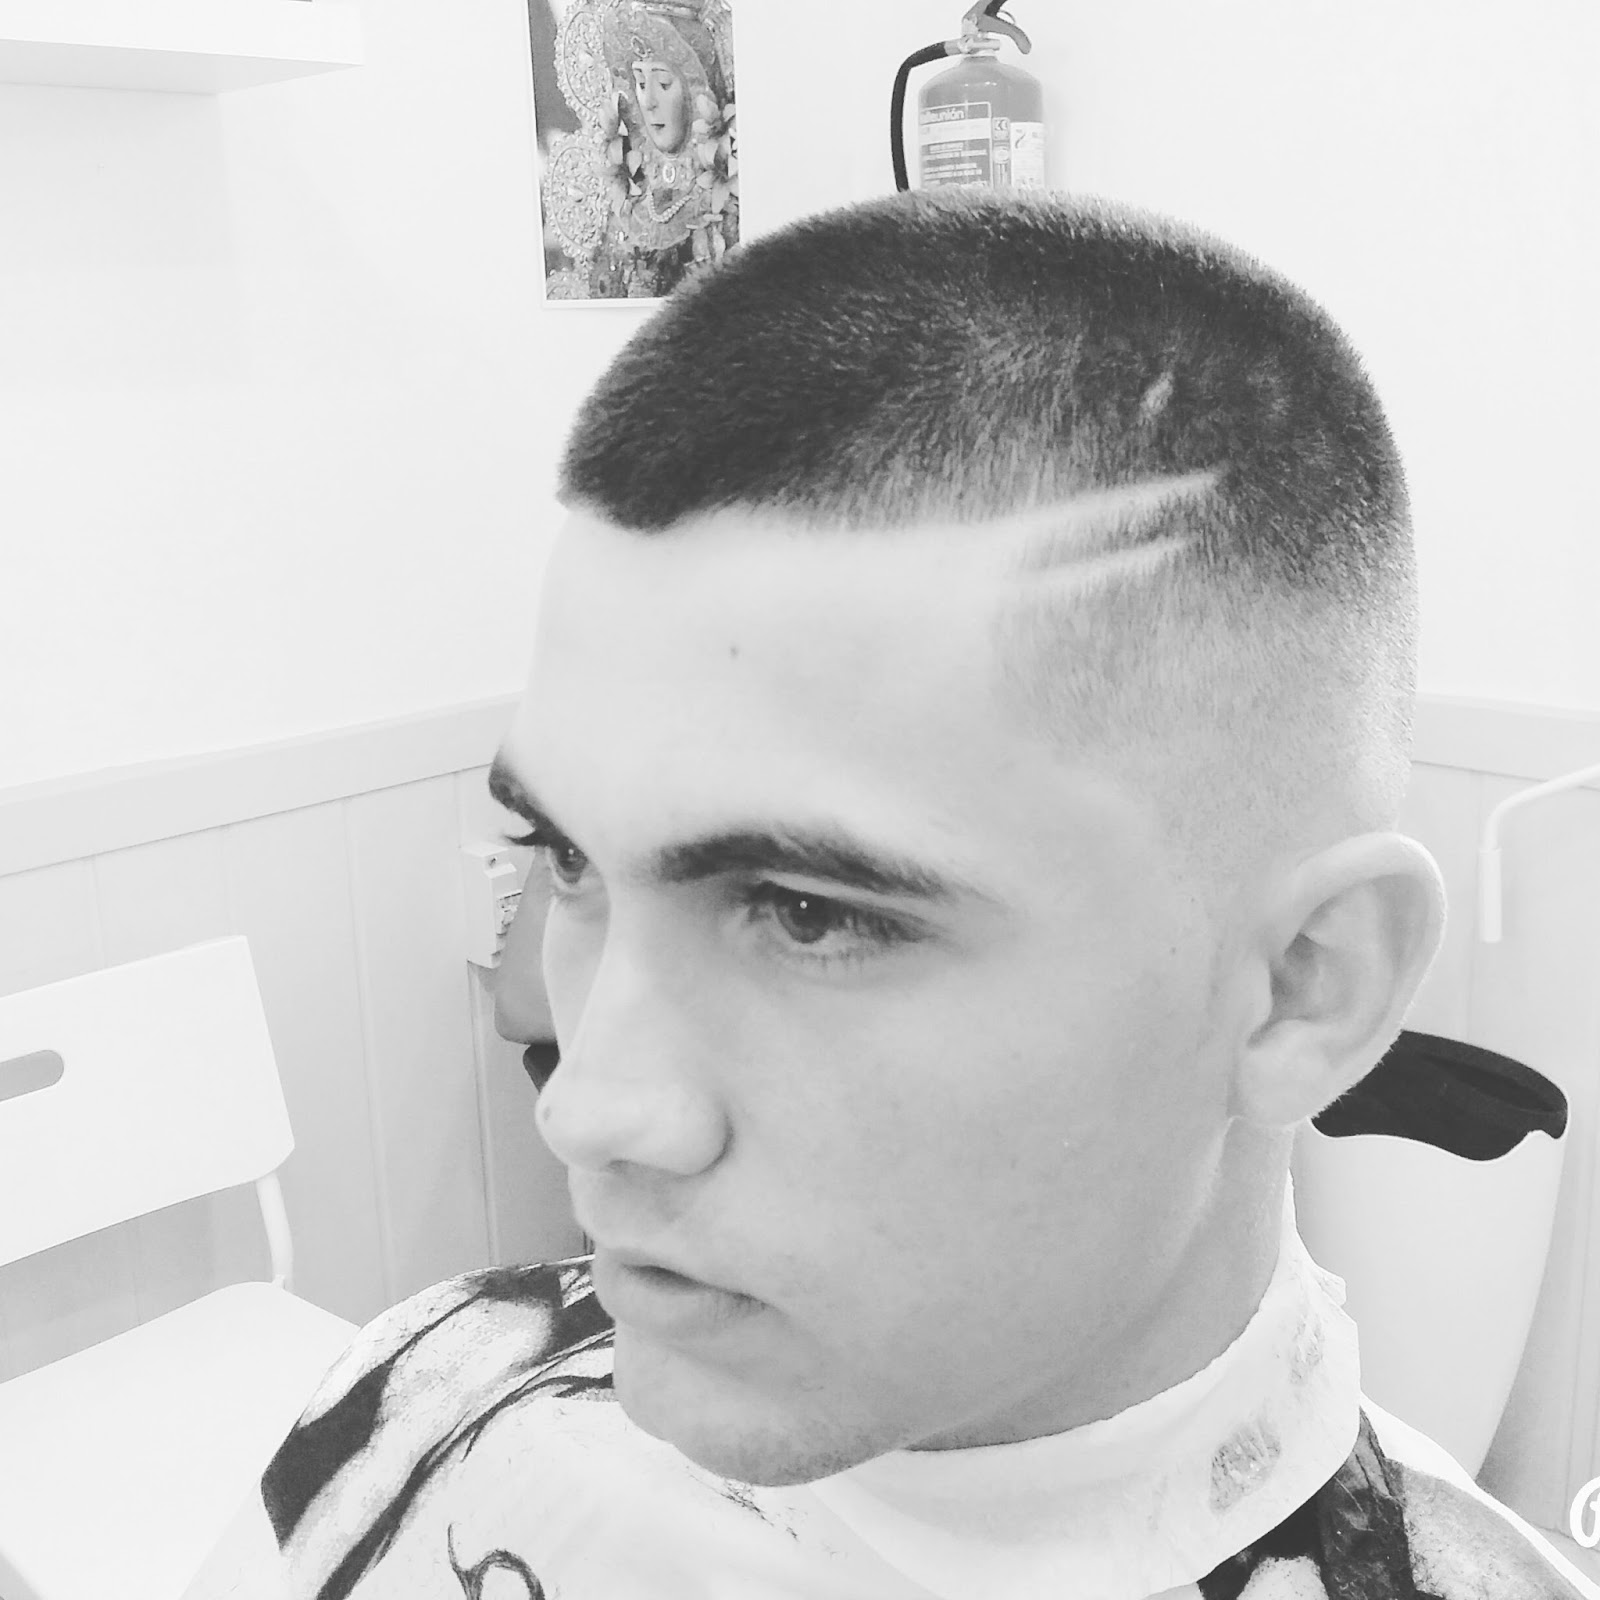 Peluquer a caballeros nuevo estilo nuevos cortes con - Nuevo estilo peluqueria ...